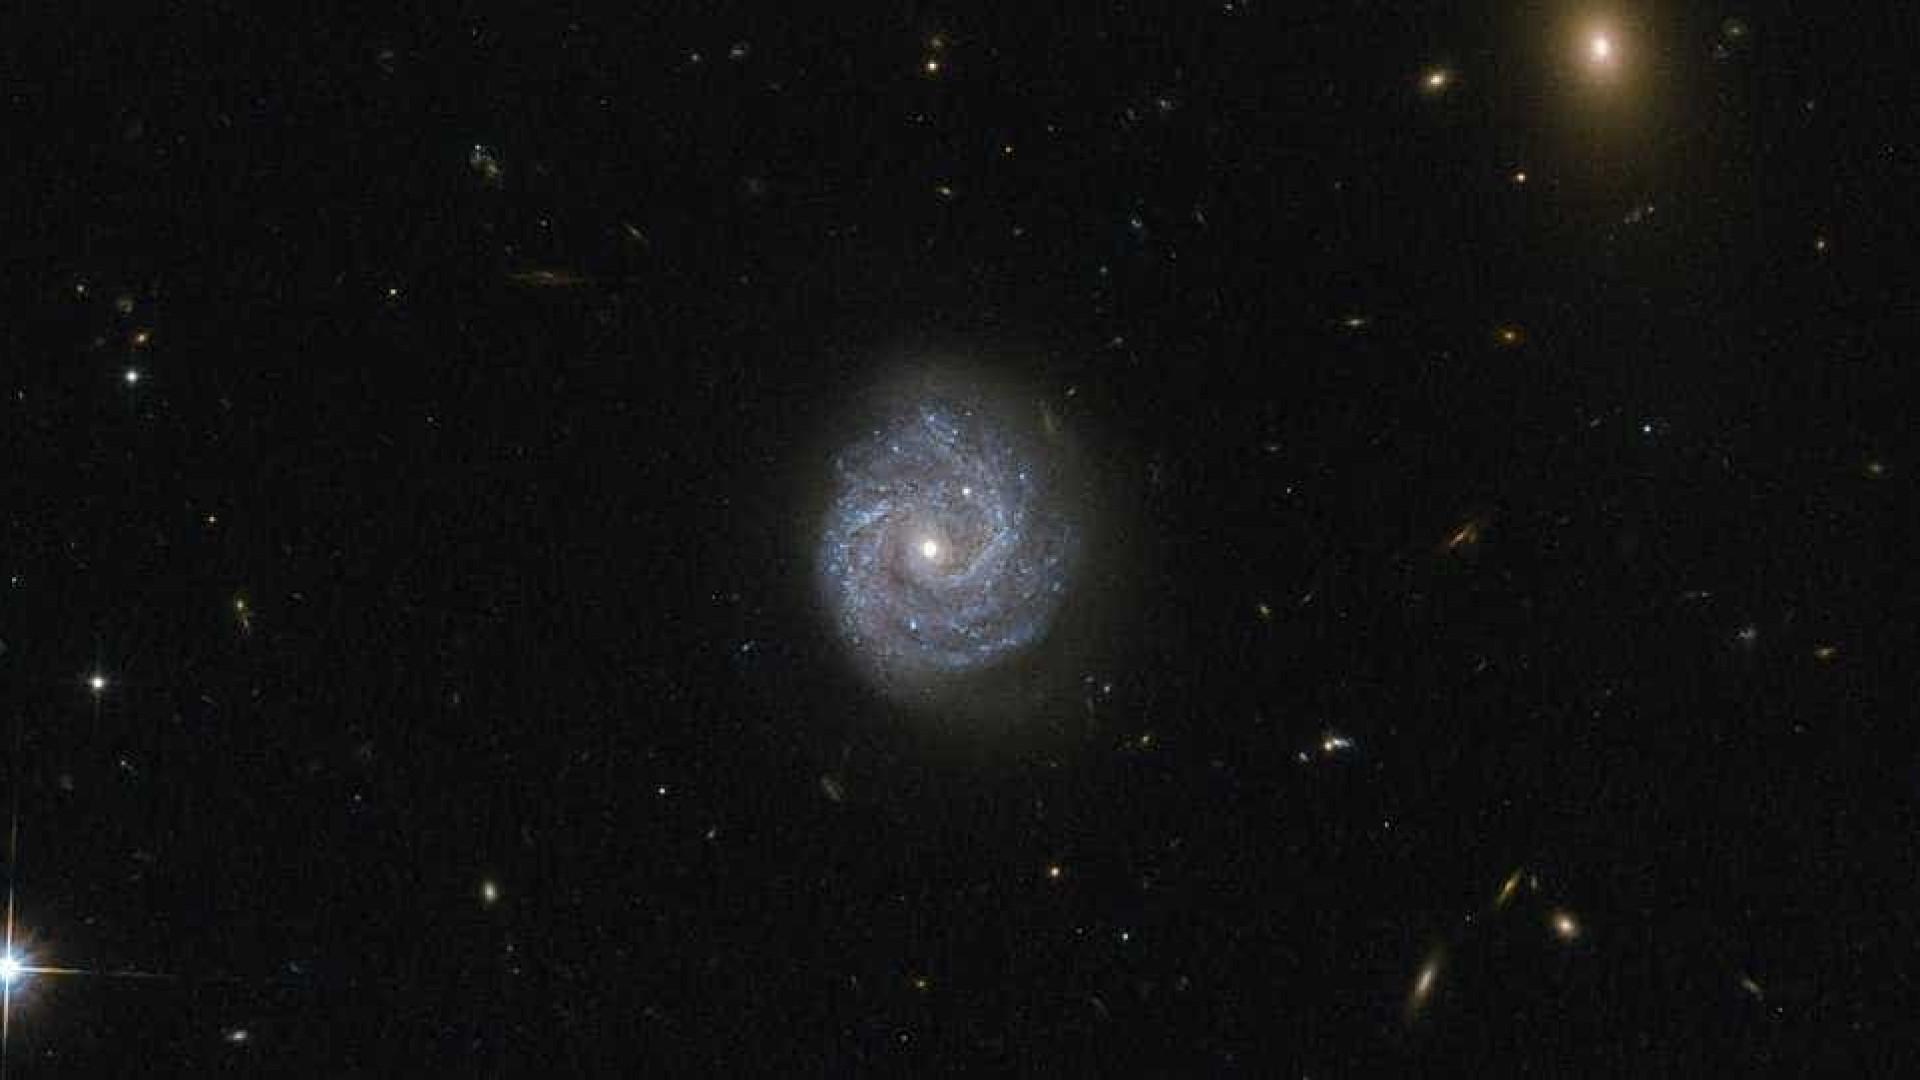 Astrônomos captam sinal anômalo de estrela perto da Terra